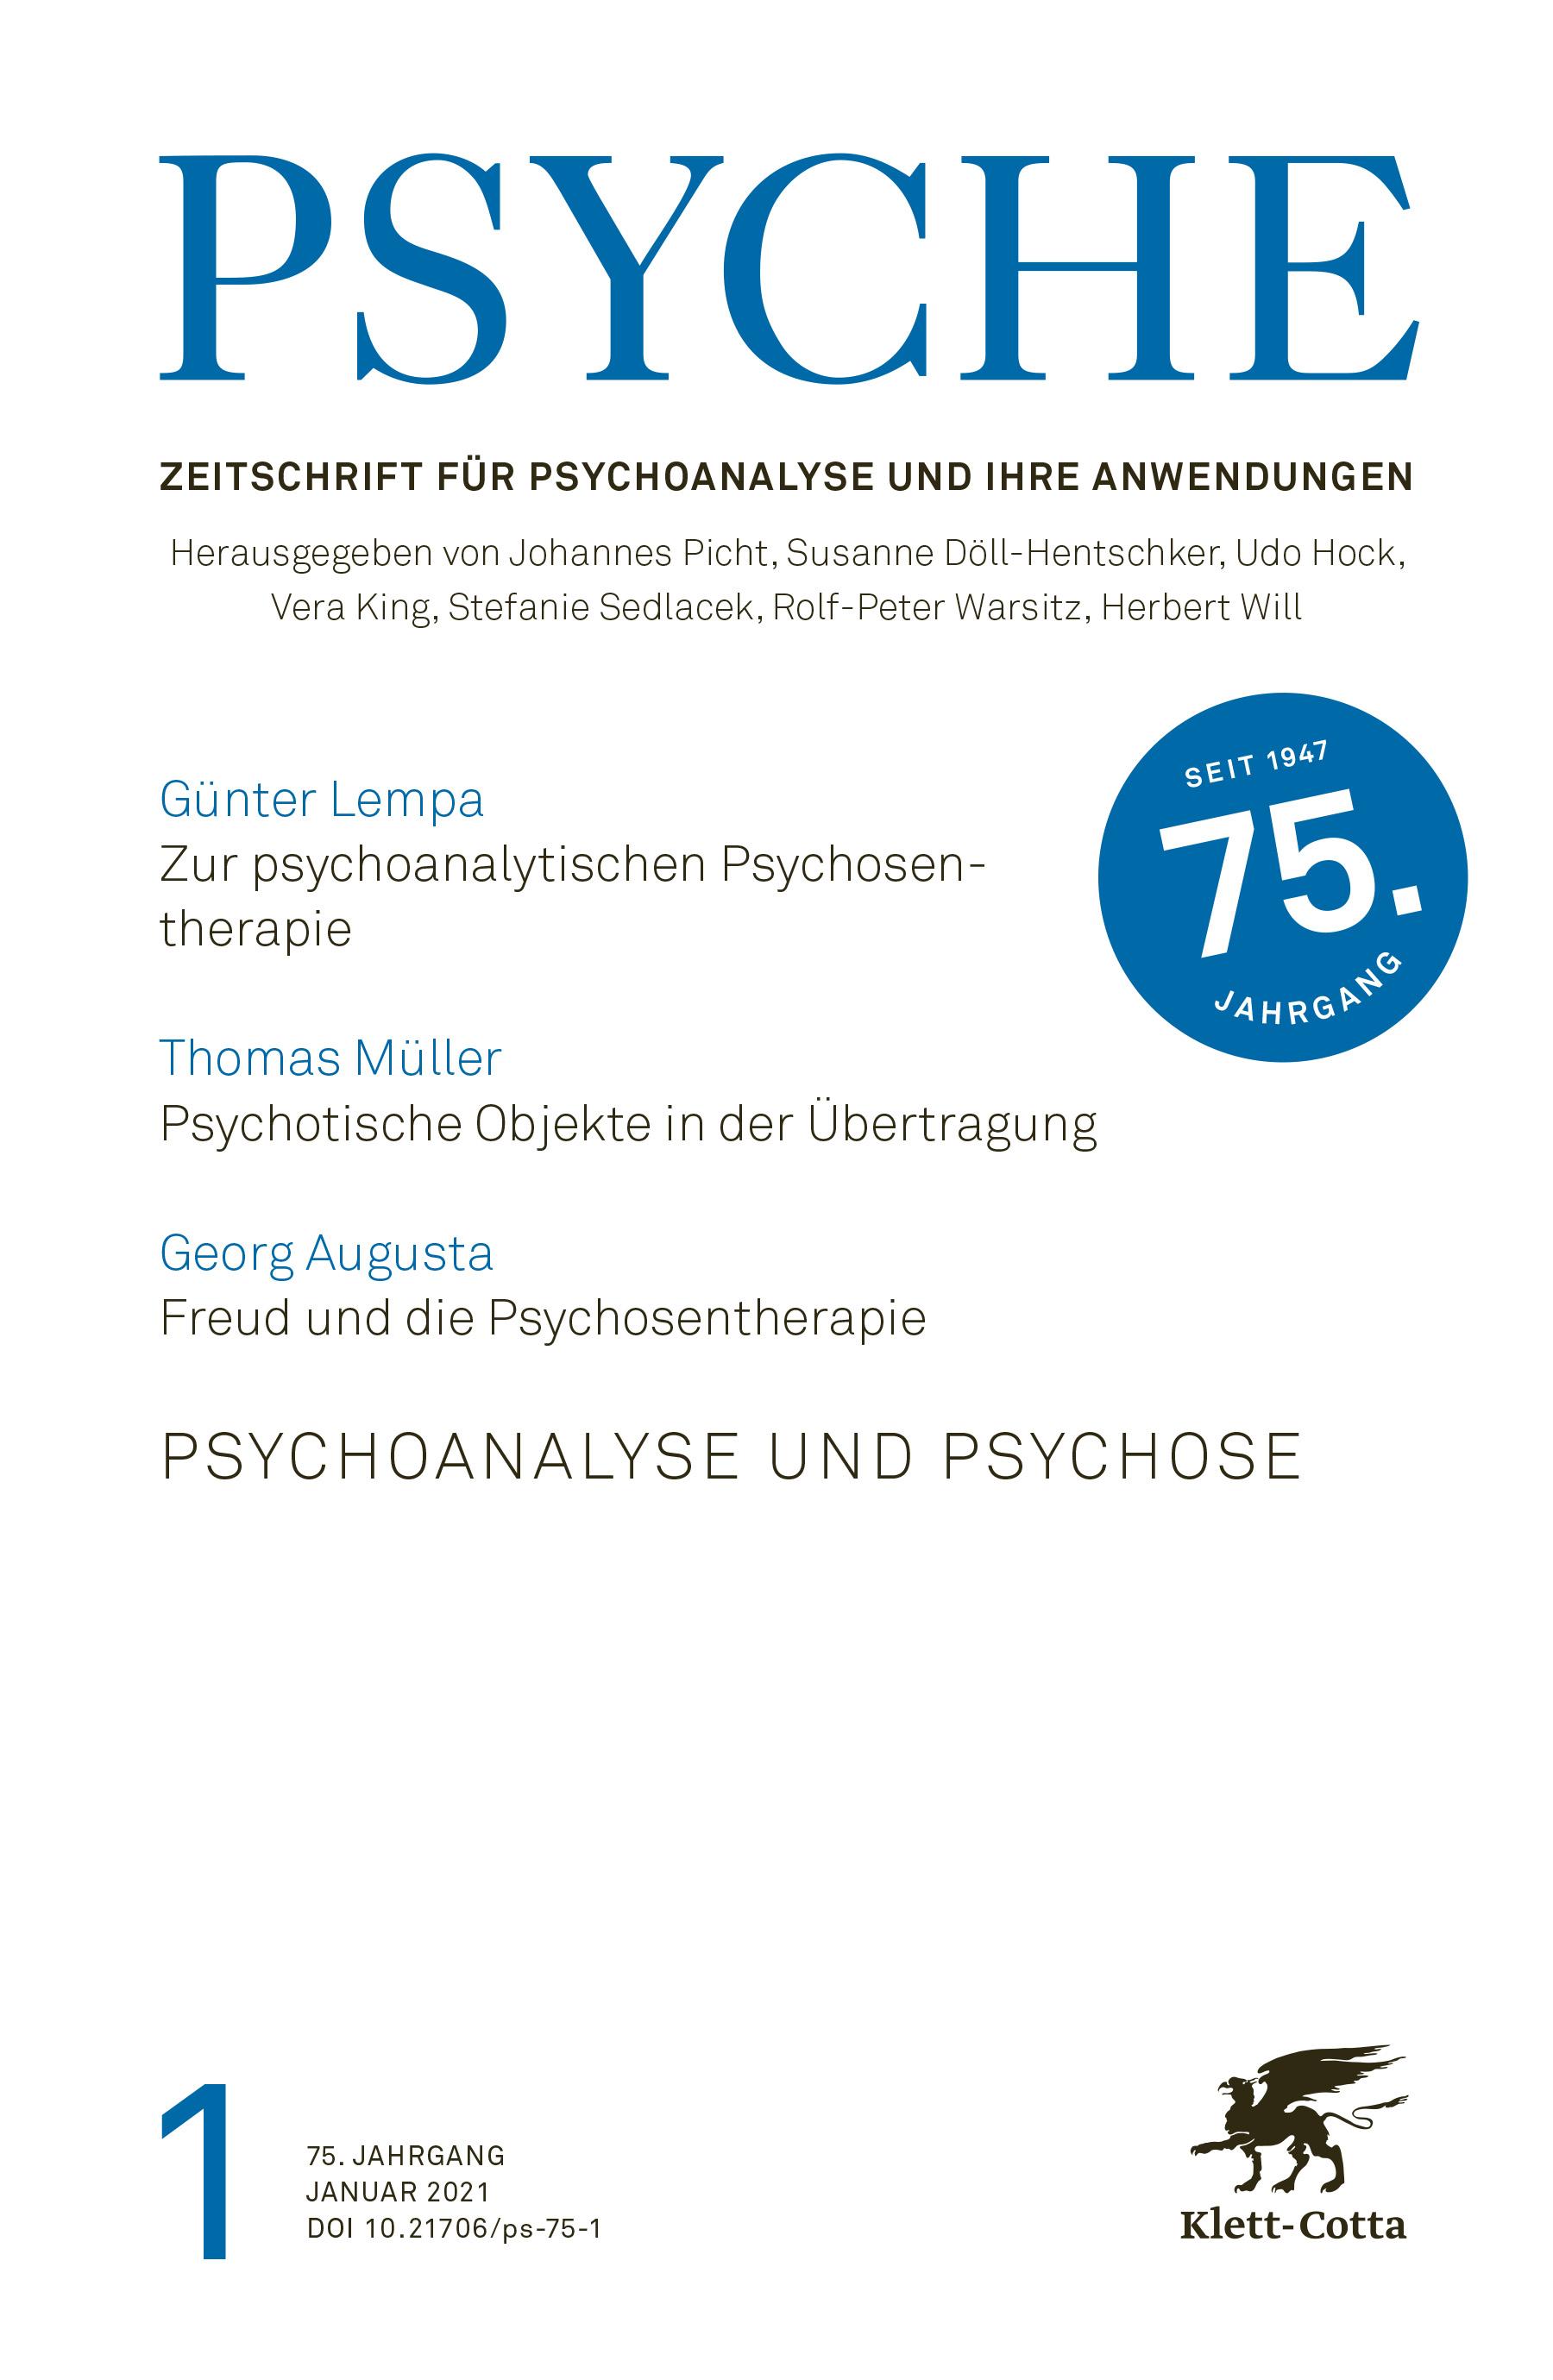 PSYCHE - Psychoanalytische Behandlung von Psychosen